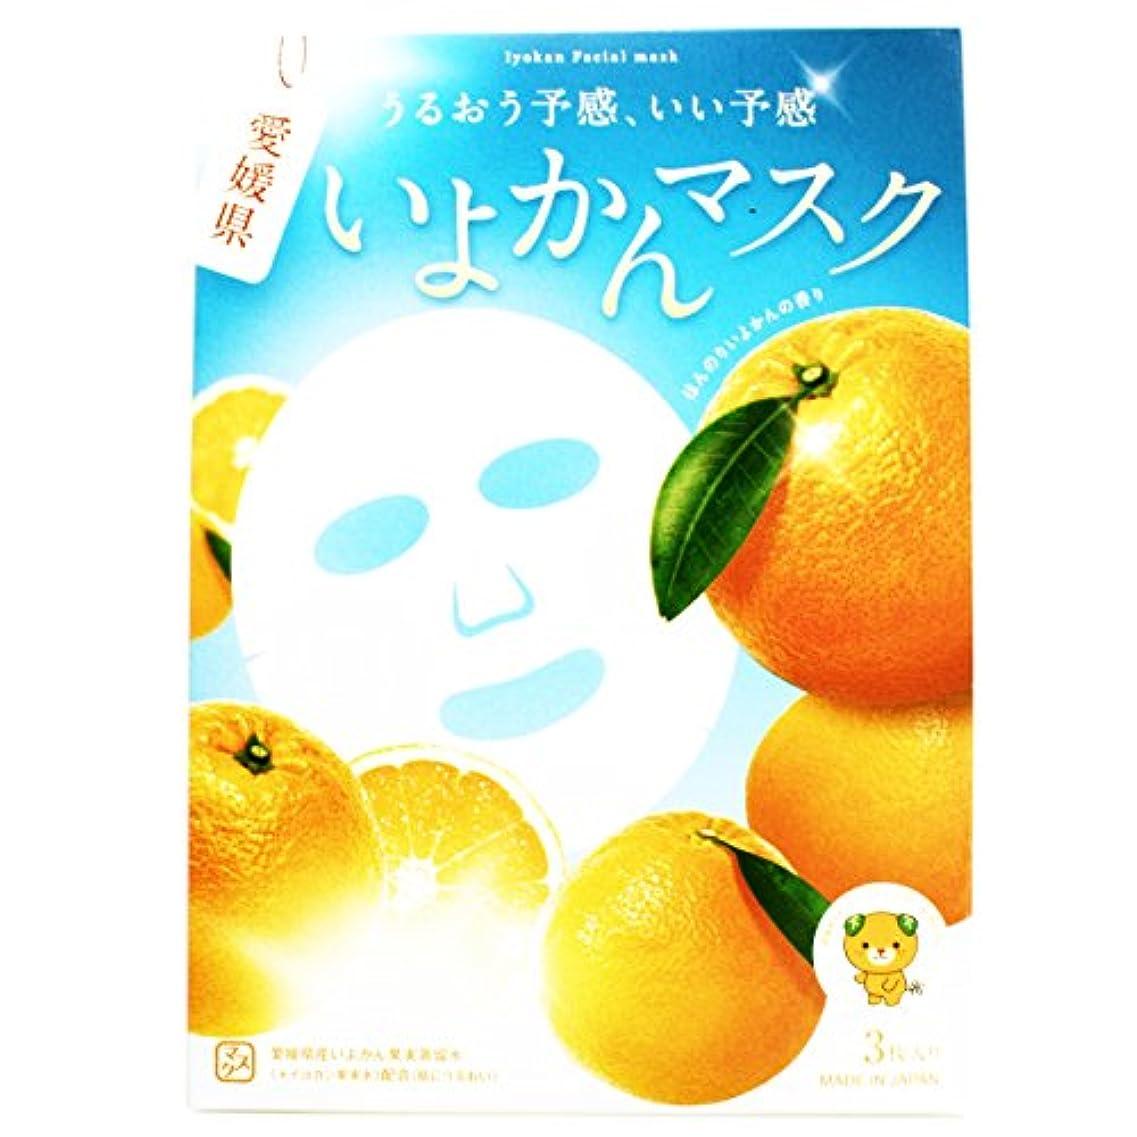 愛媛県 いよかんマスク 3枚入り